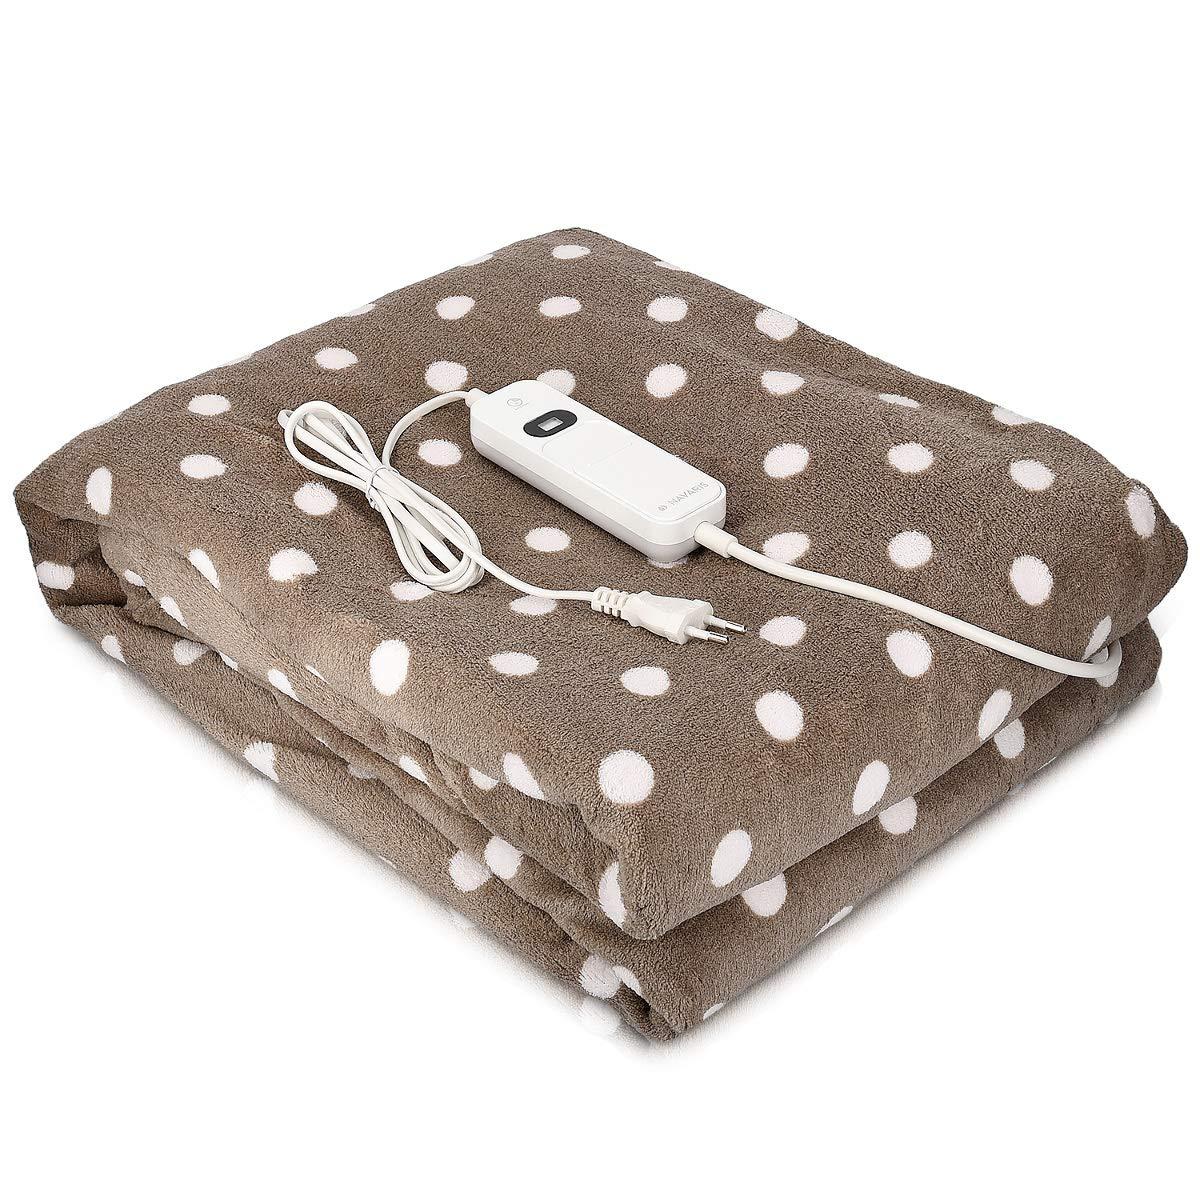 Navaris couverture chauffante électrique 180 x 130 cm - Plaid doux canapé lit - Arrêt automatique - Lavable en machine - Marron foncé KW-Commerce 45274.03.01_m001284